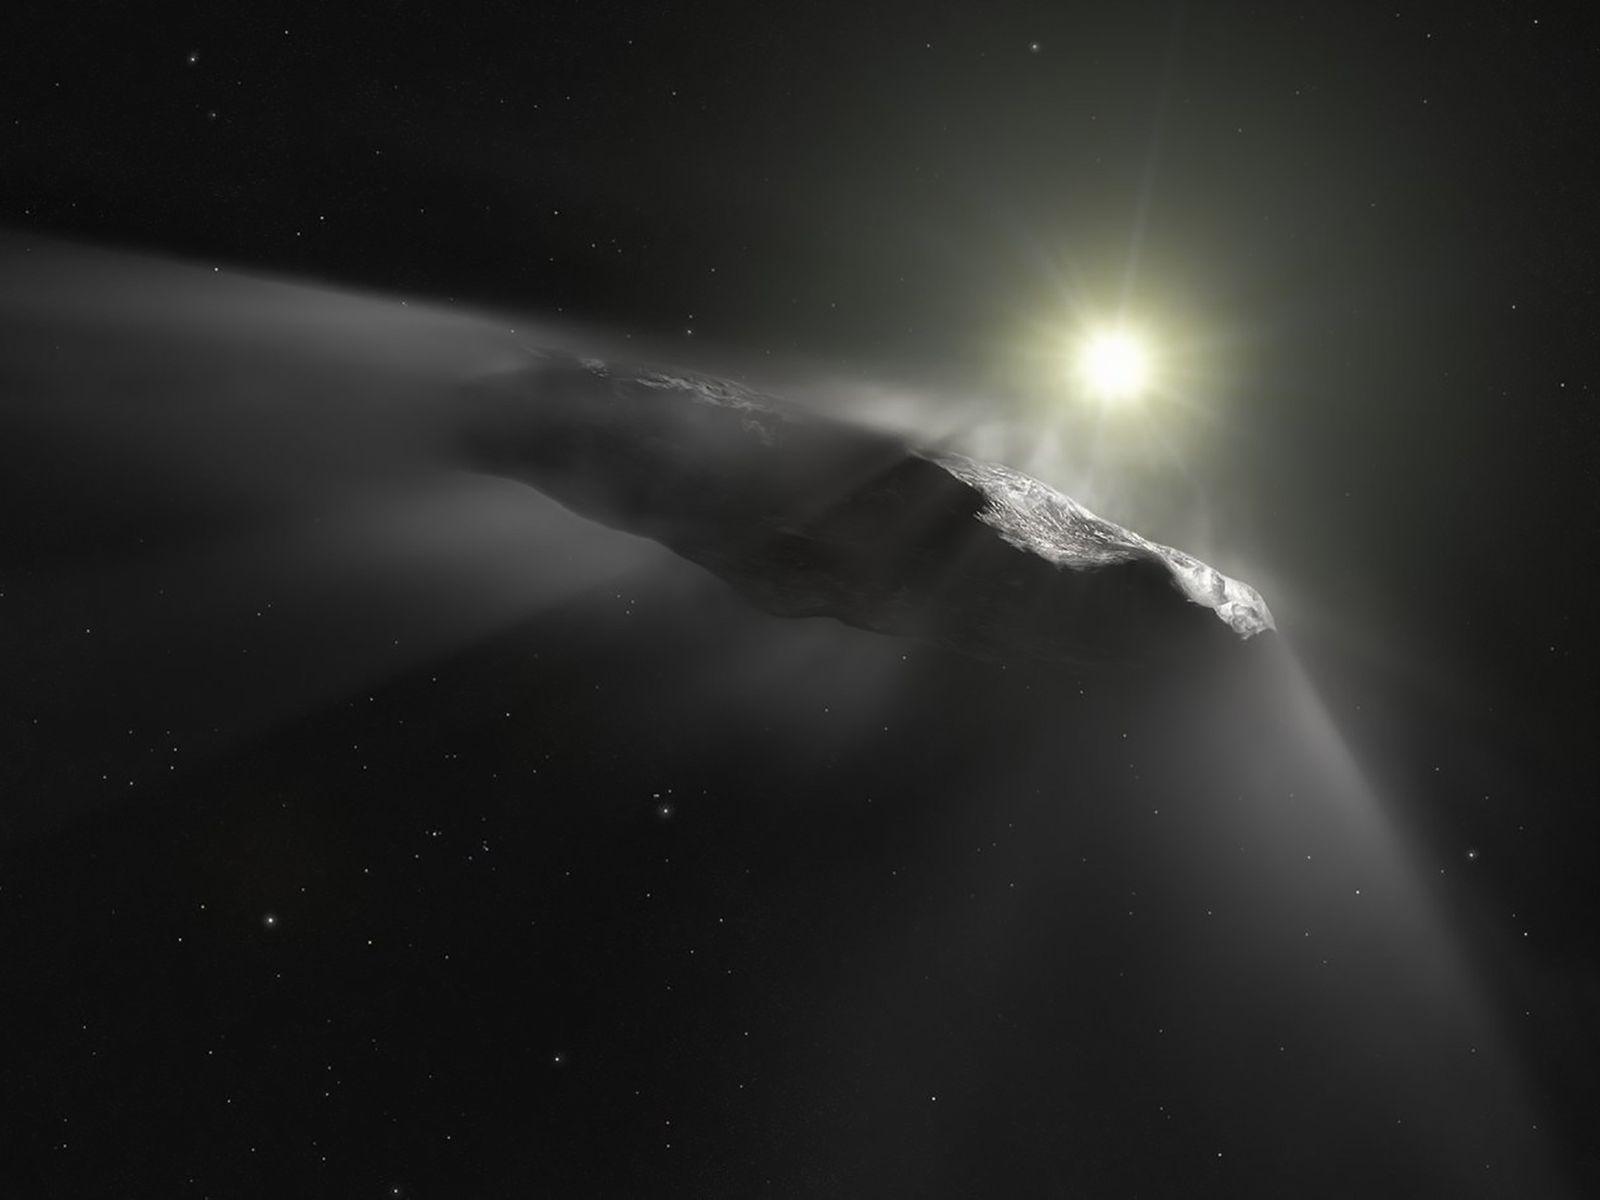 O asteroide de formato estranho 'Oumuamua, visto aqui numa ilustração, foi a primeira rocha espacial conhecida ...